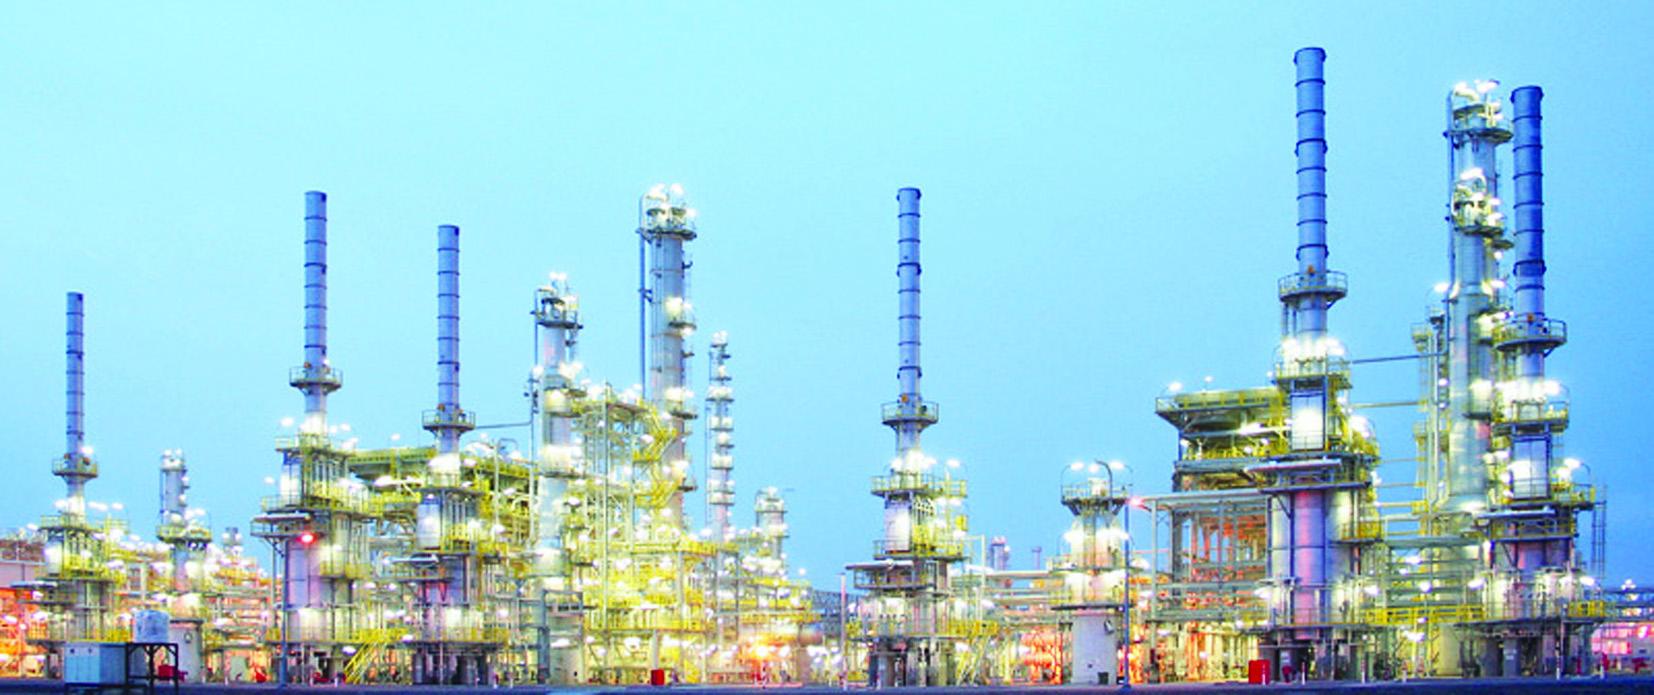 30.4 مليون برميل إنتاج السلطنة من النفط الشهر الفائت